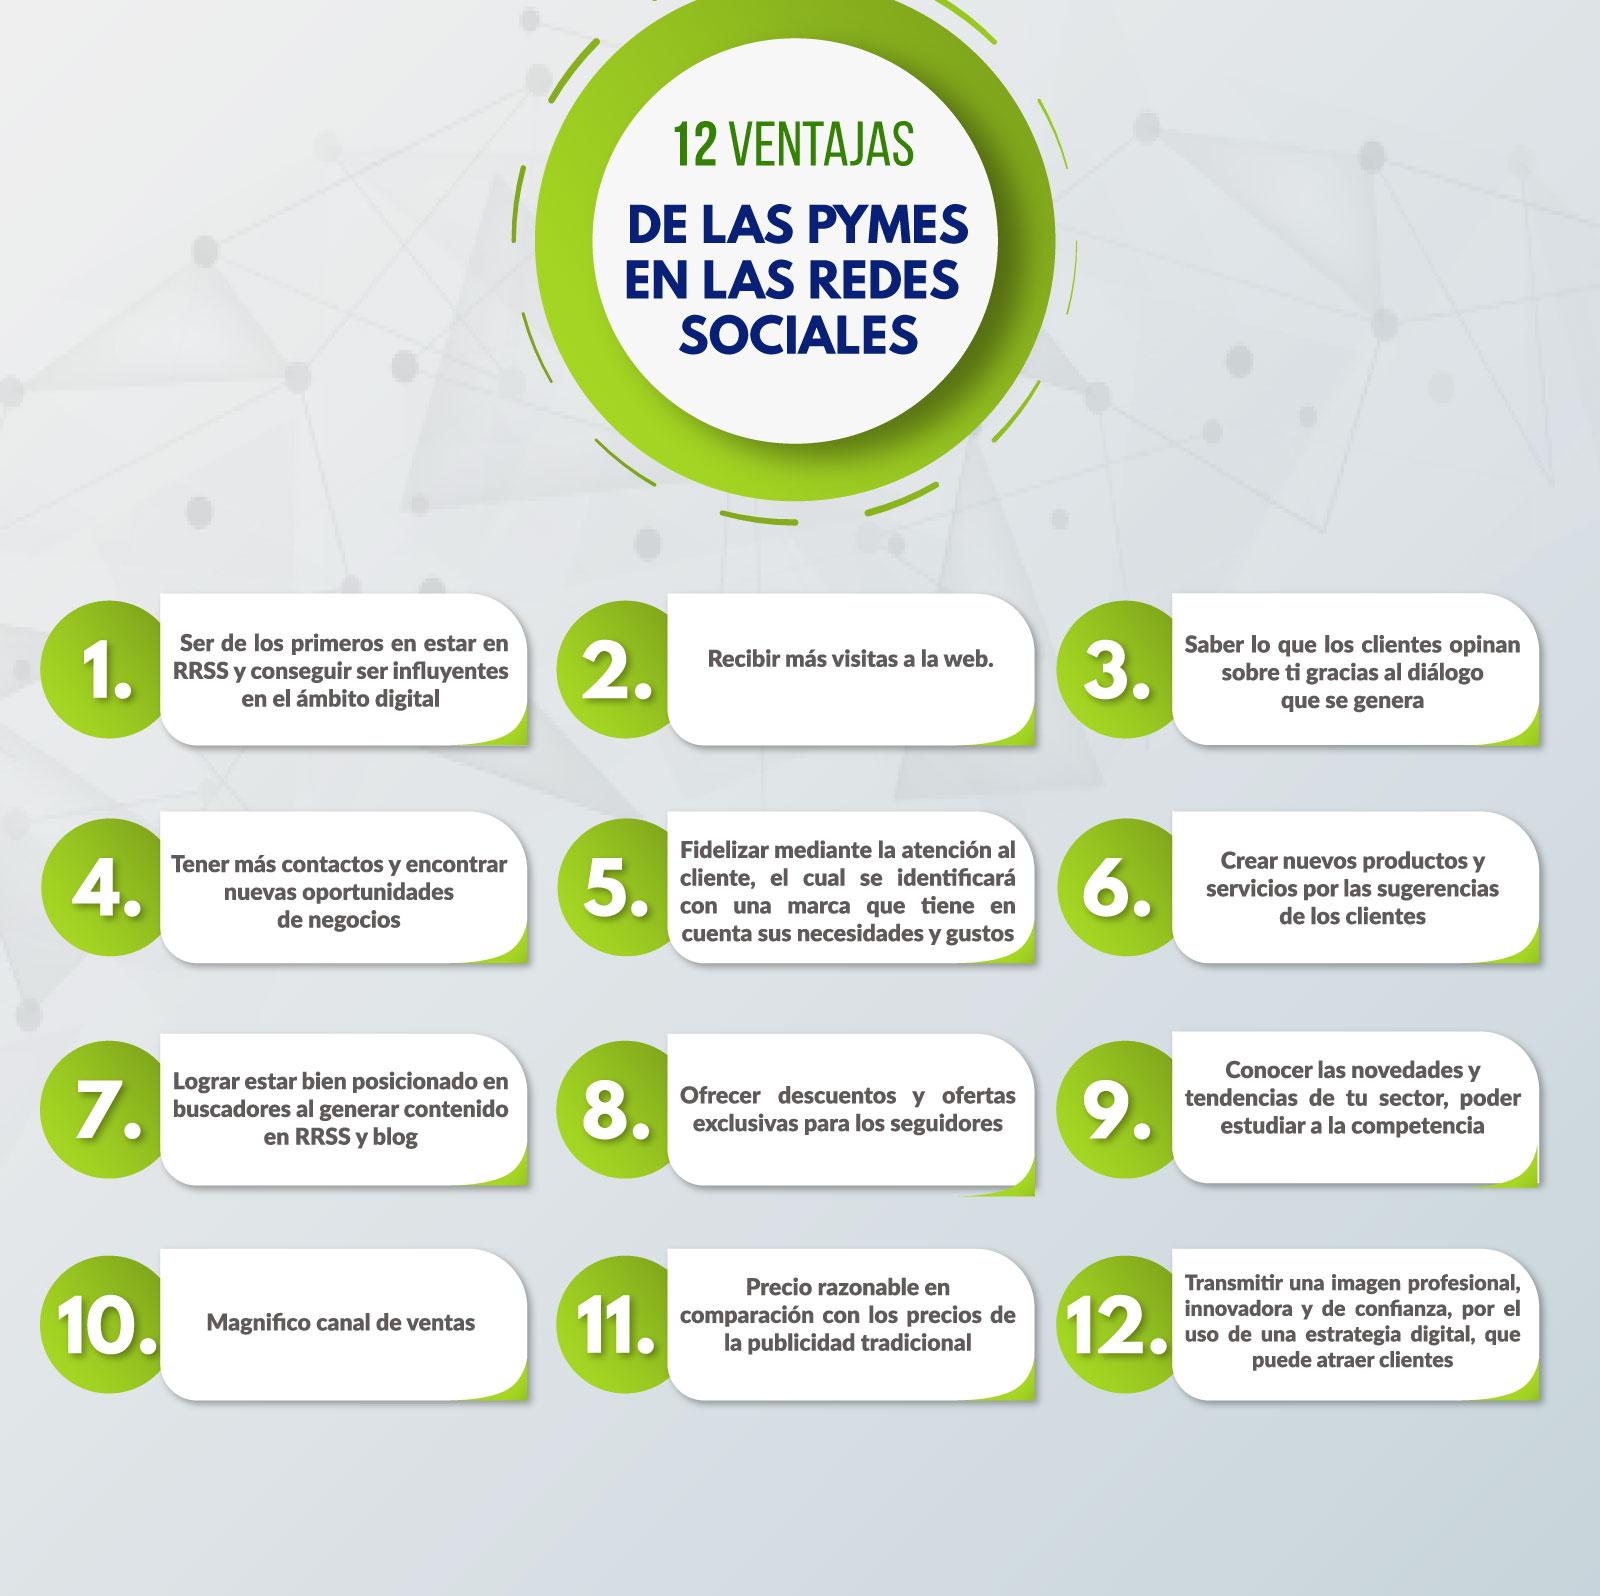 12-VENTAJAS-DE-LAS-PYMES-EN-LAS-REDES-SOCIALES